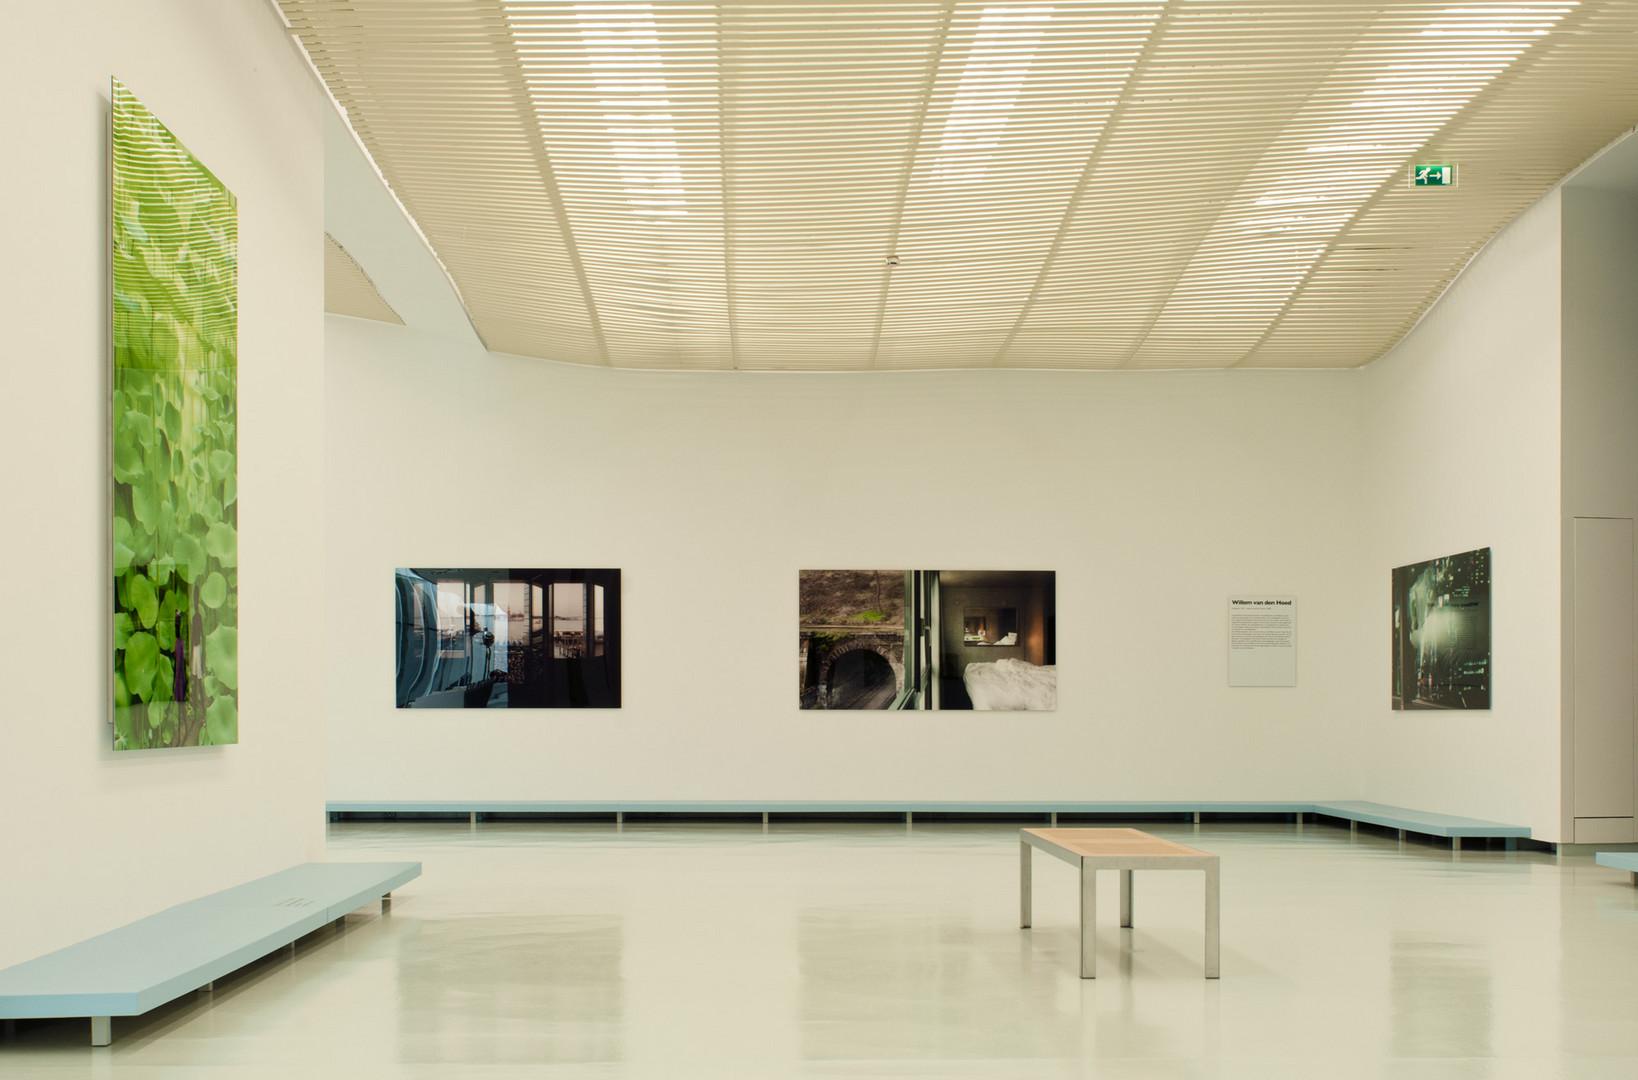 226, 120 & 4808 white in Museum het Valkhof